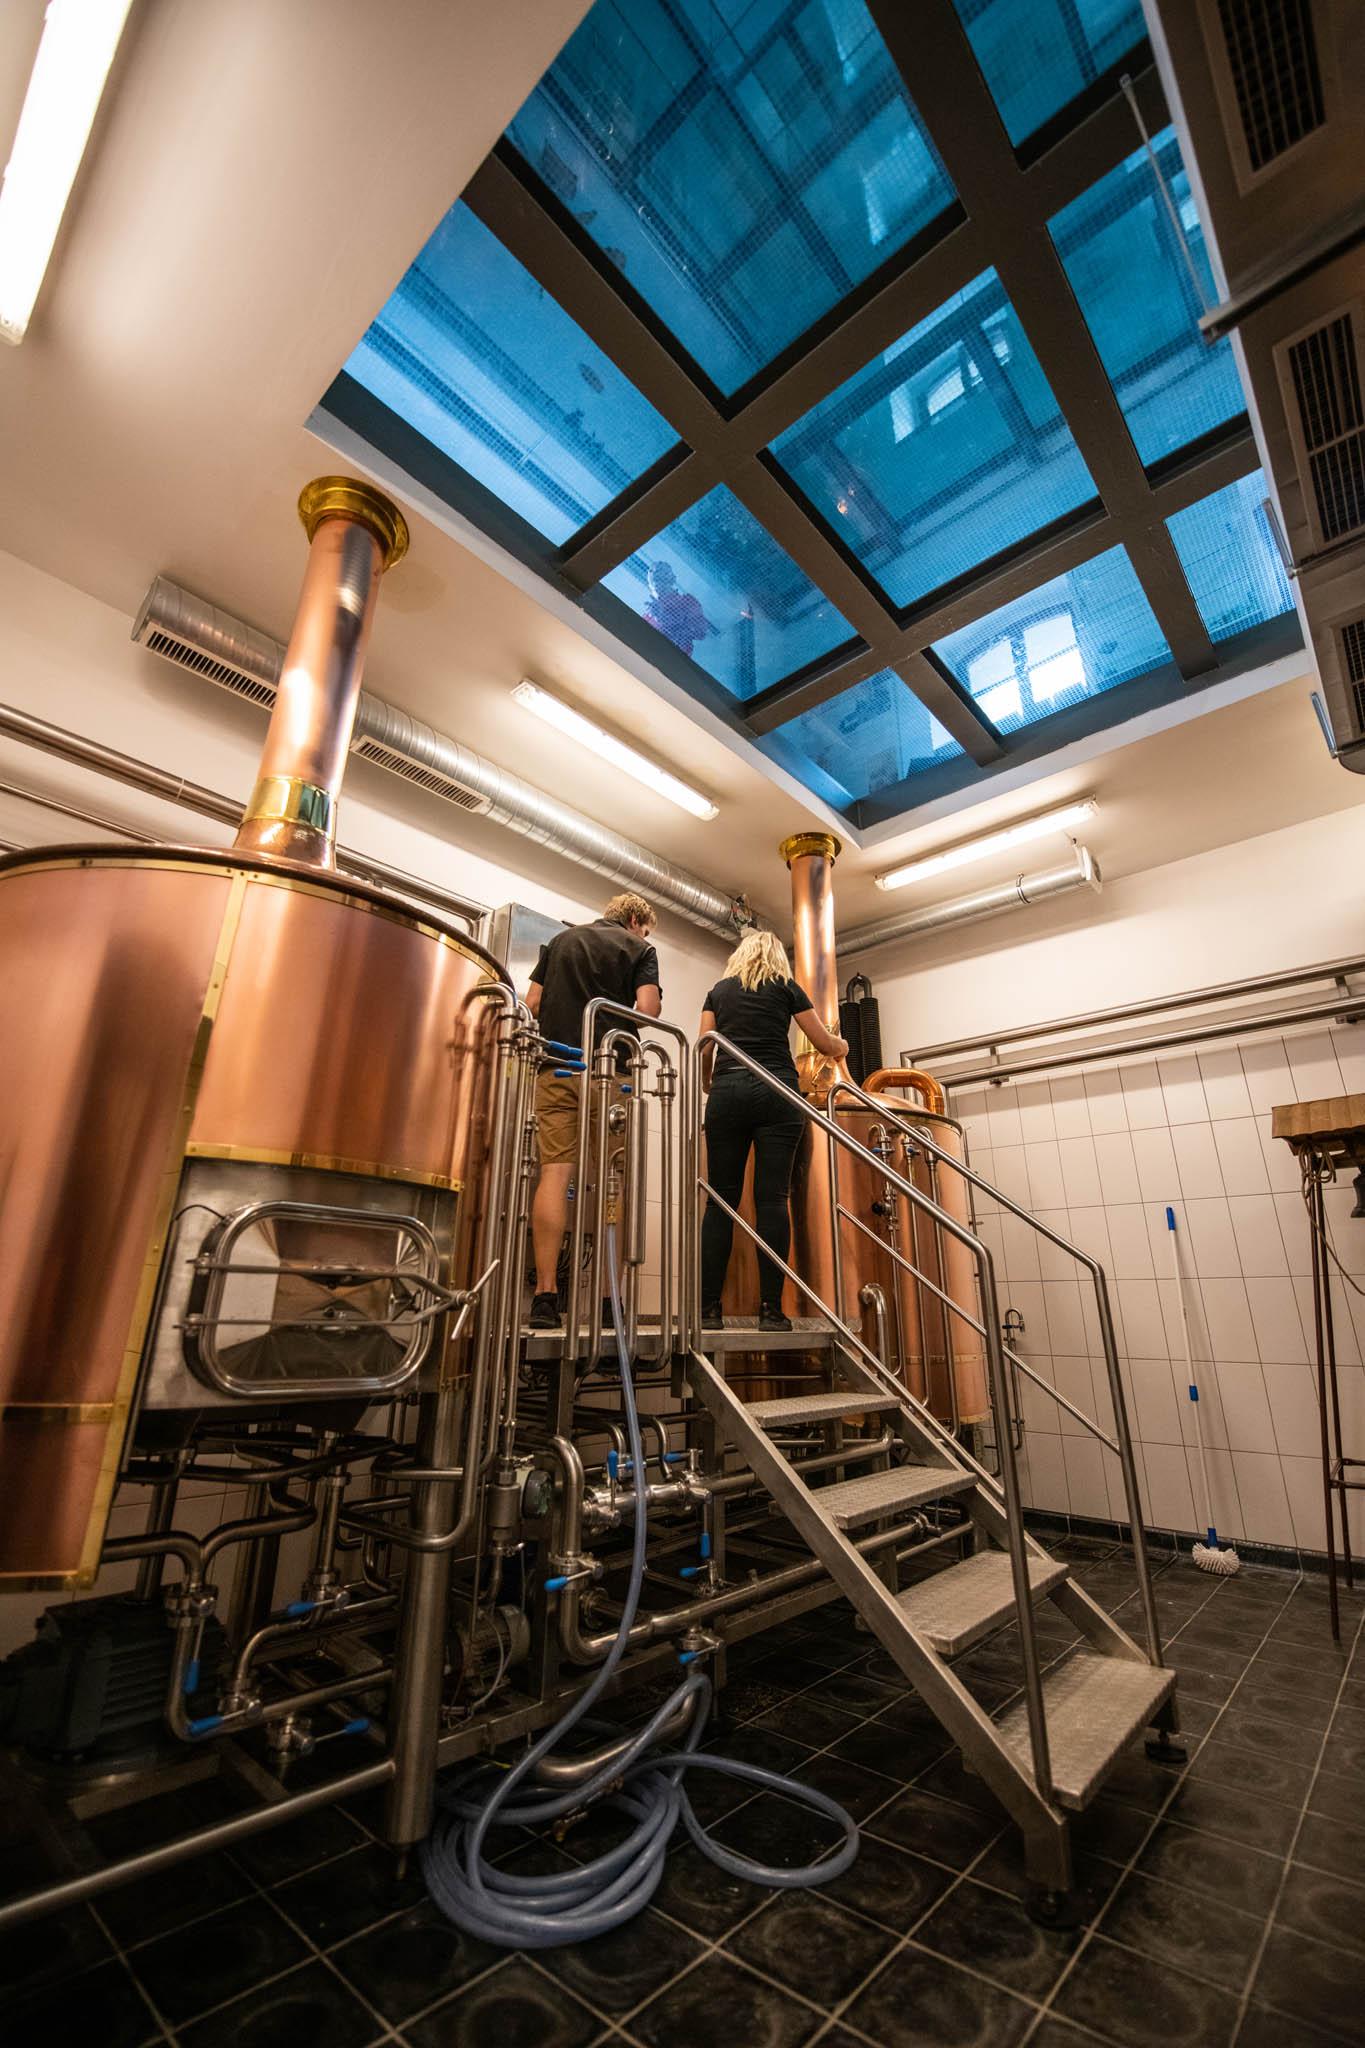 Maximální kapacita pivovaru je 3000 hektolitrů ročně. Současný plán zatím počítá sročním výstavem okolo 1000 až 1500 hektolitrů. Historický pivovar přitom vyráběl výrazně více piva.